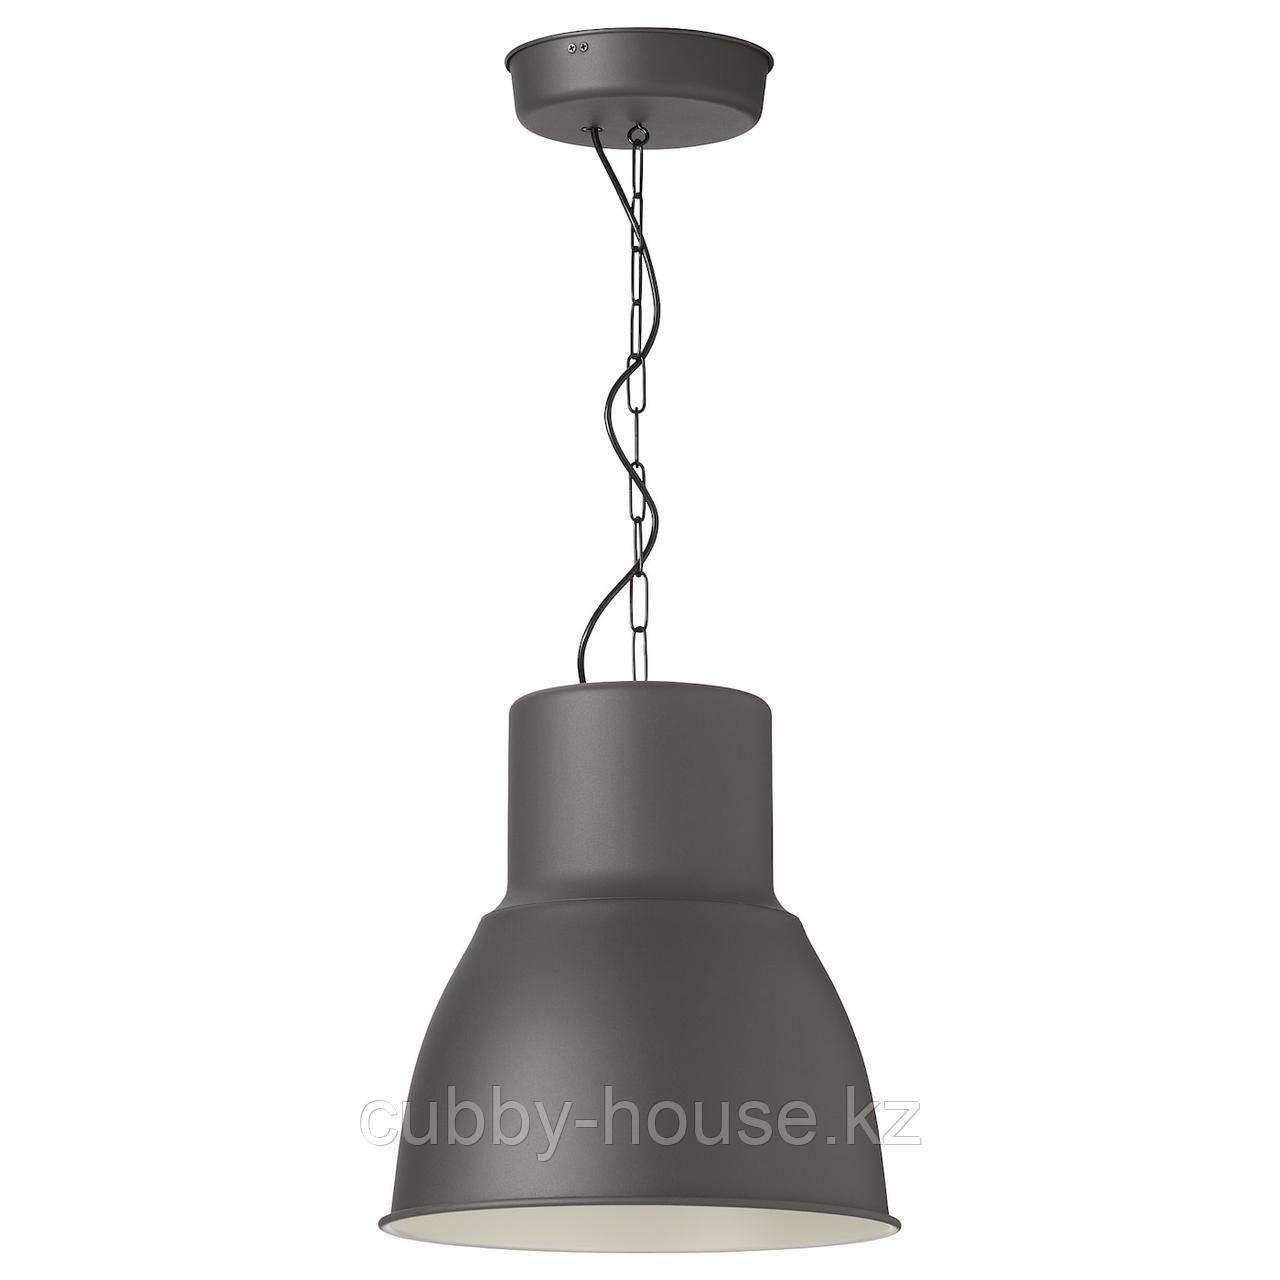 ХЕКТАР Подвесной светильник, темно-серый, 38 см